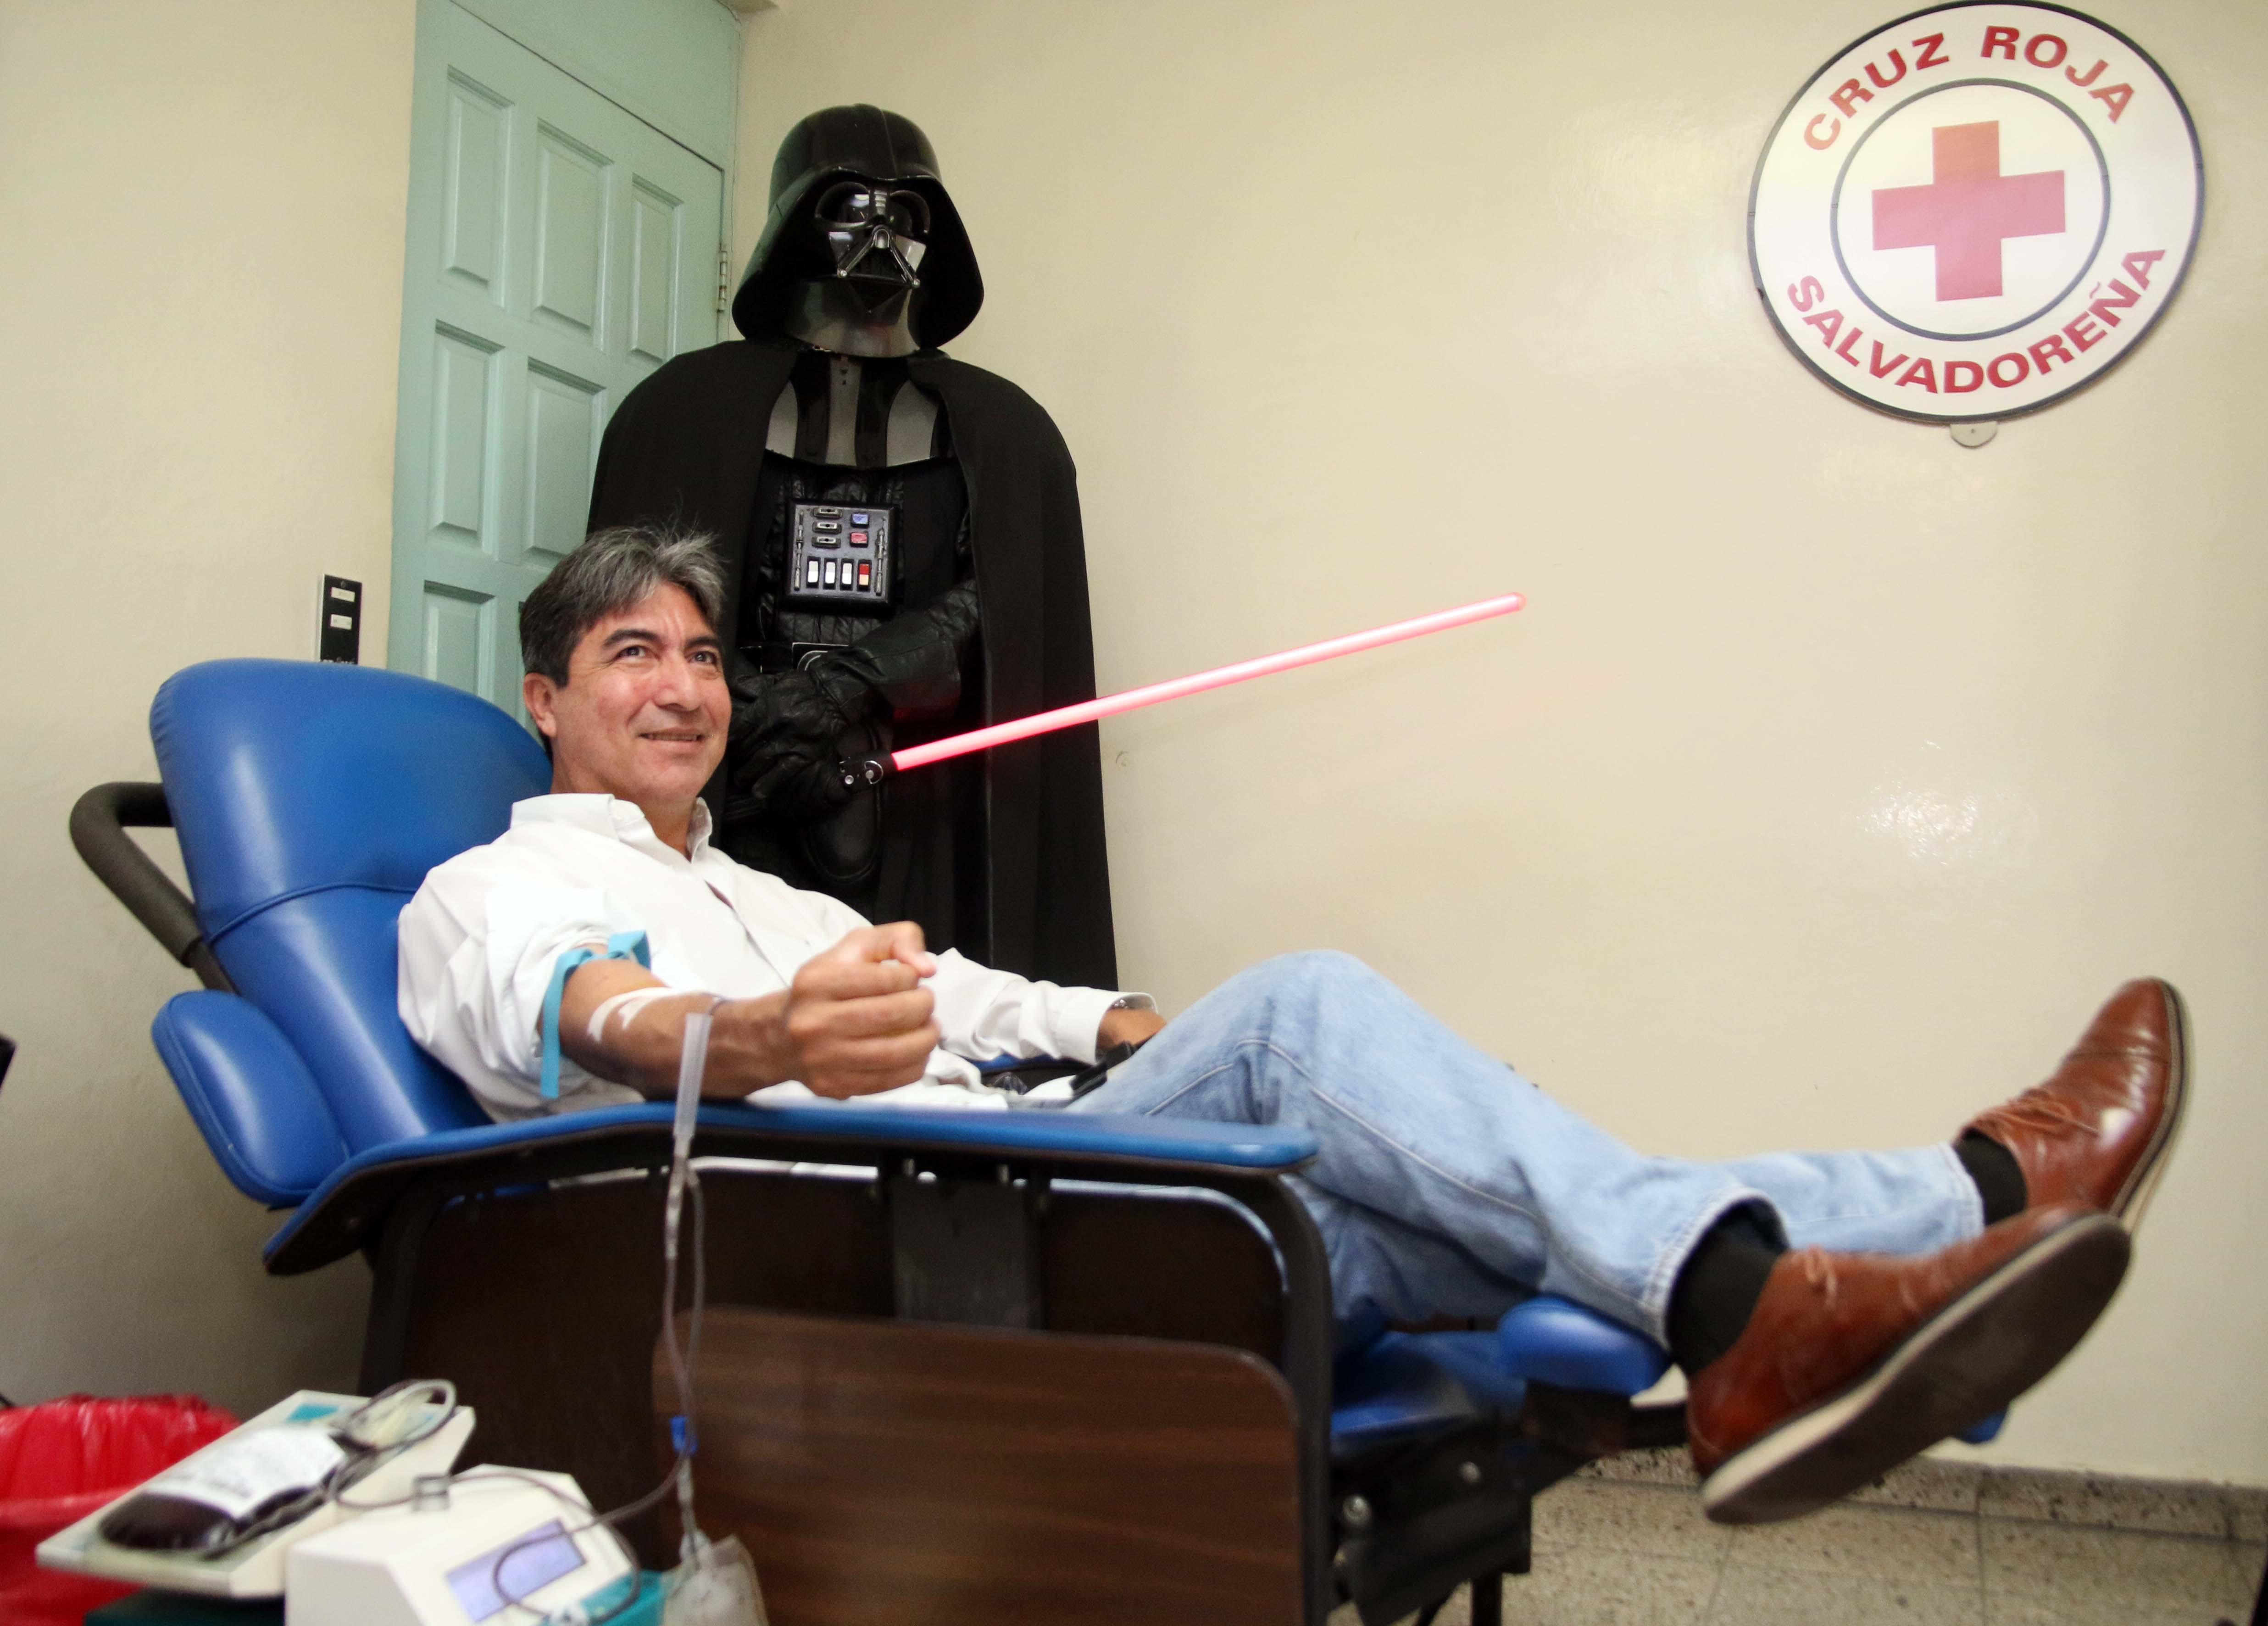 Fans de Star Wars donan sangre en beneficio de Cruz Roja Salvadoreña